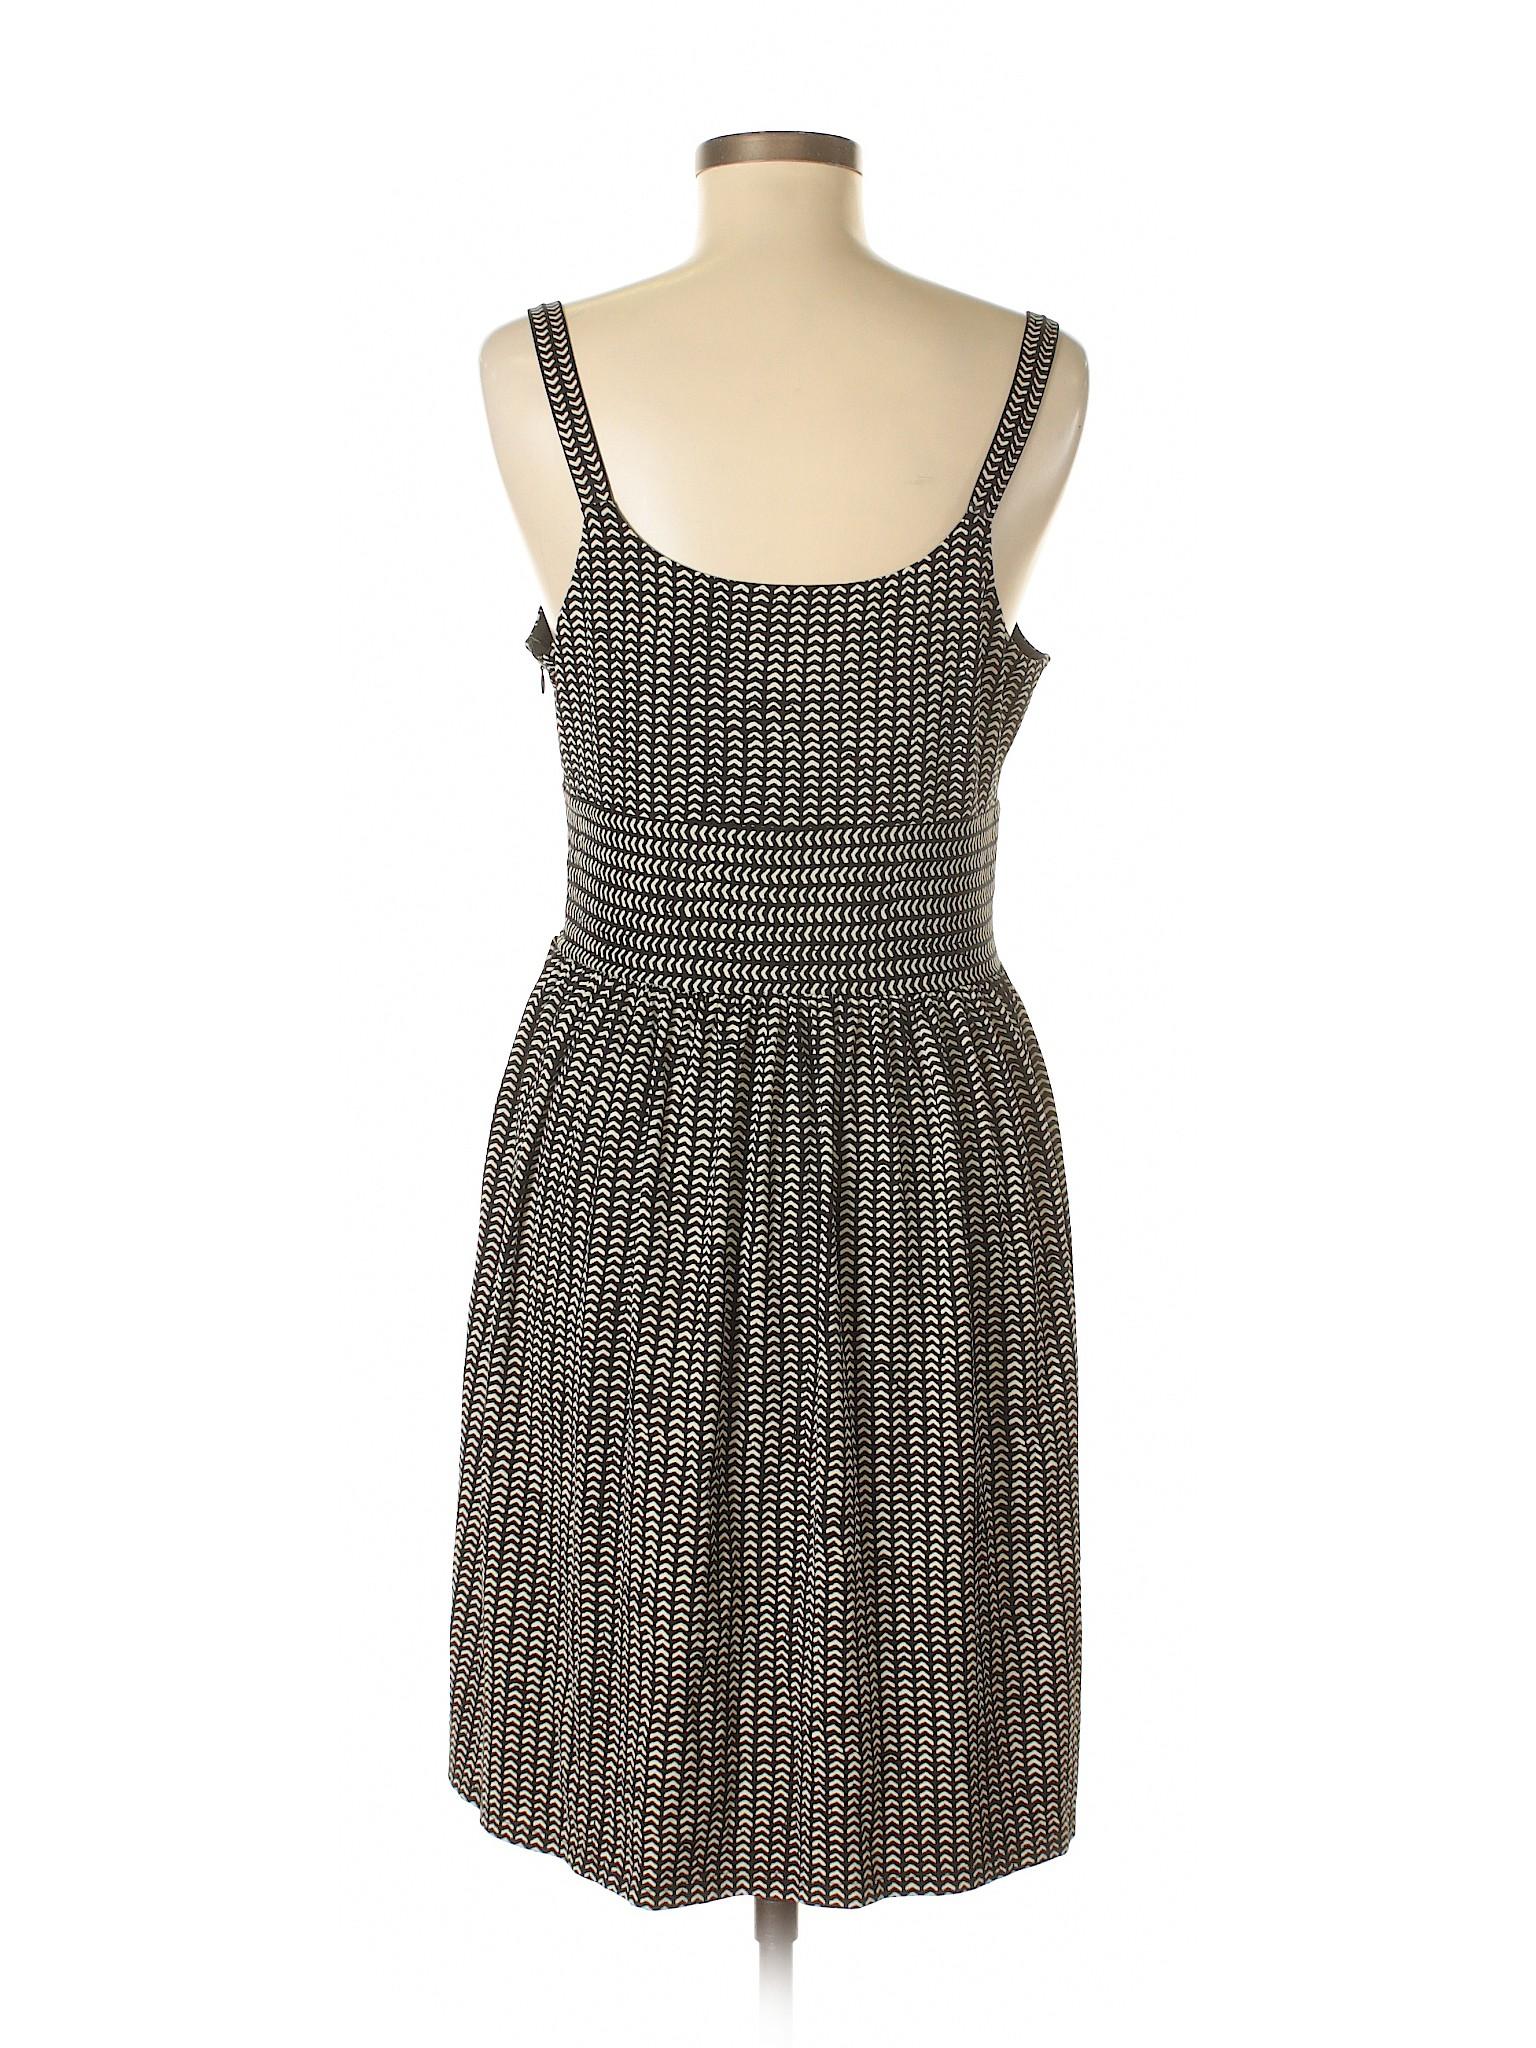 Dress Ann LOFT Casual Taylor Selling xS7pBqW7